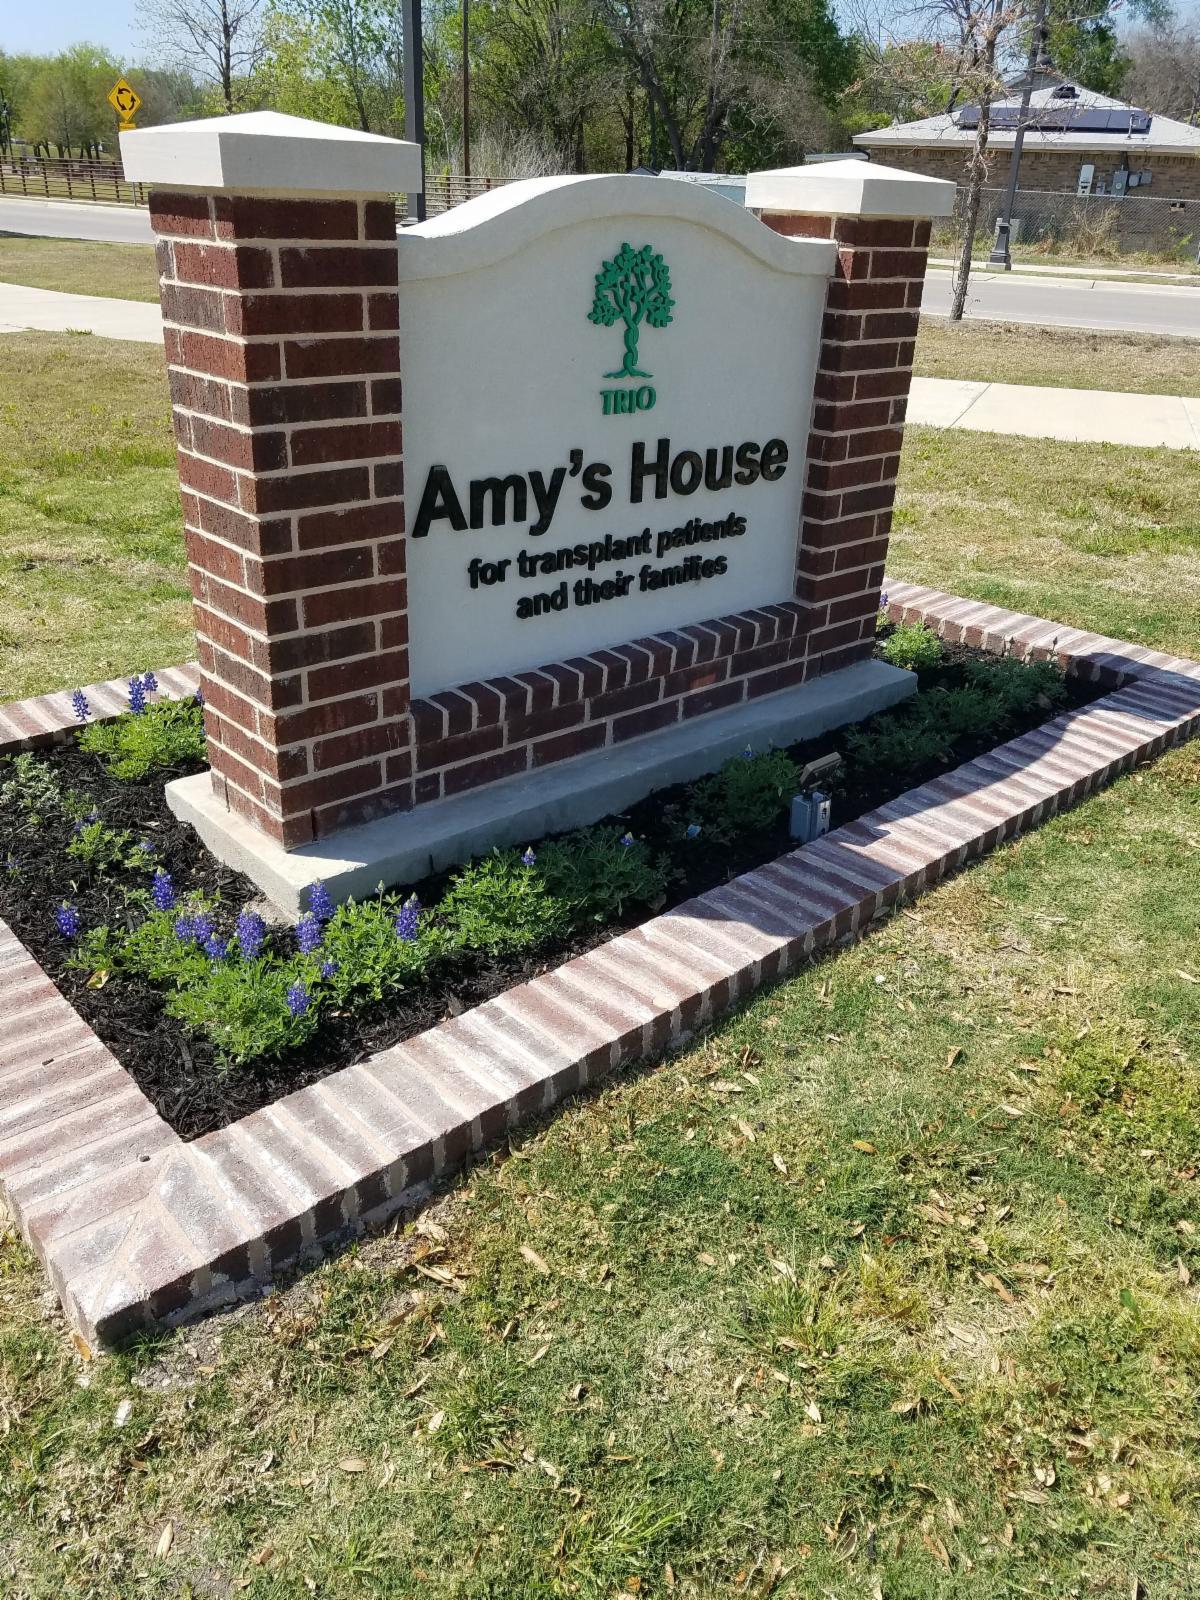 Amys House